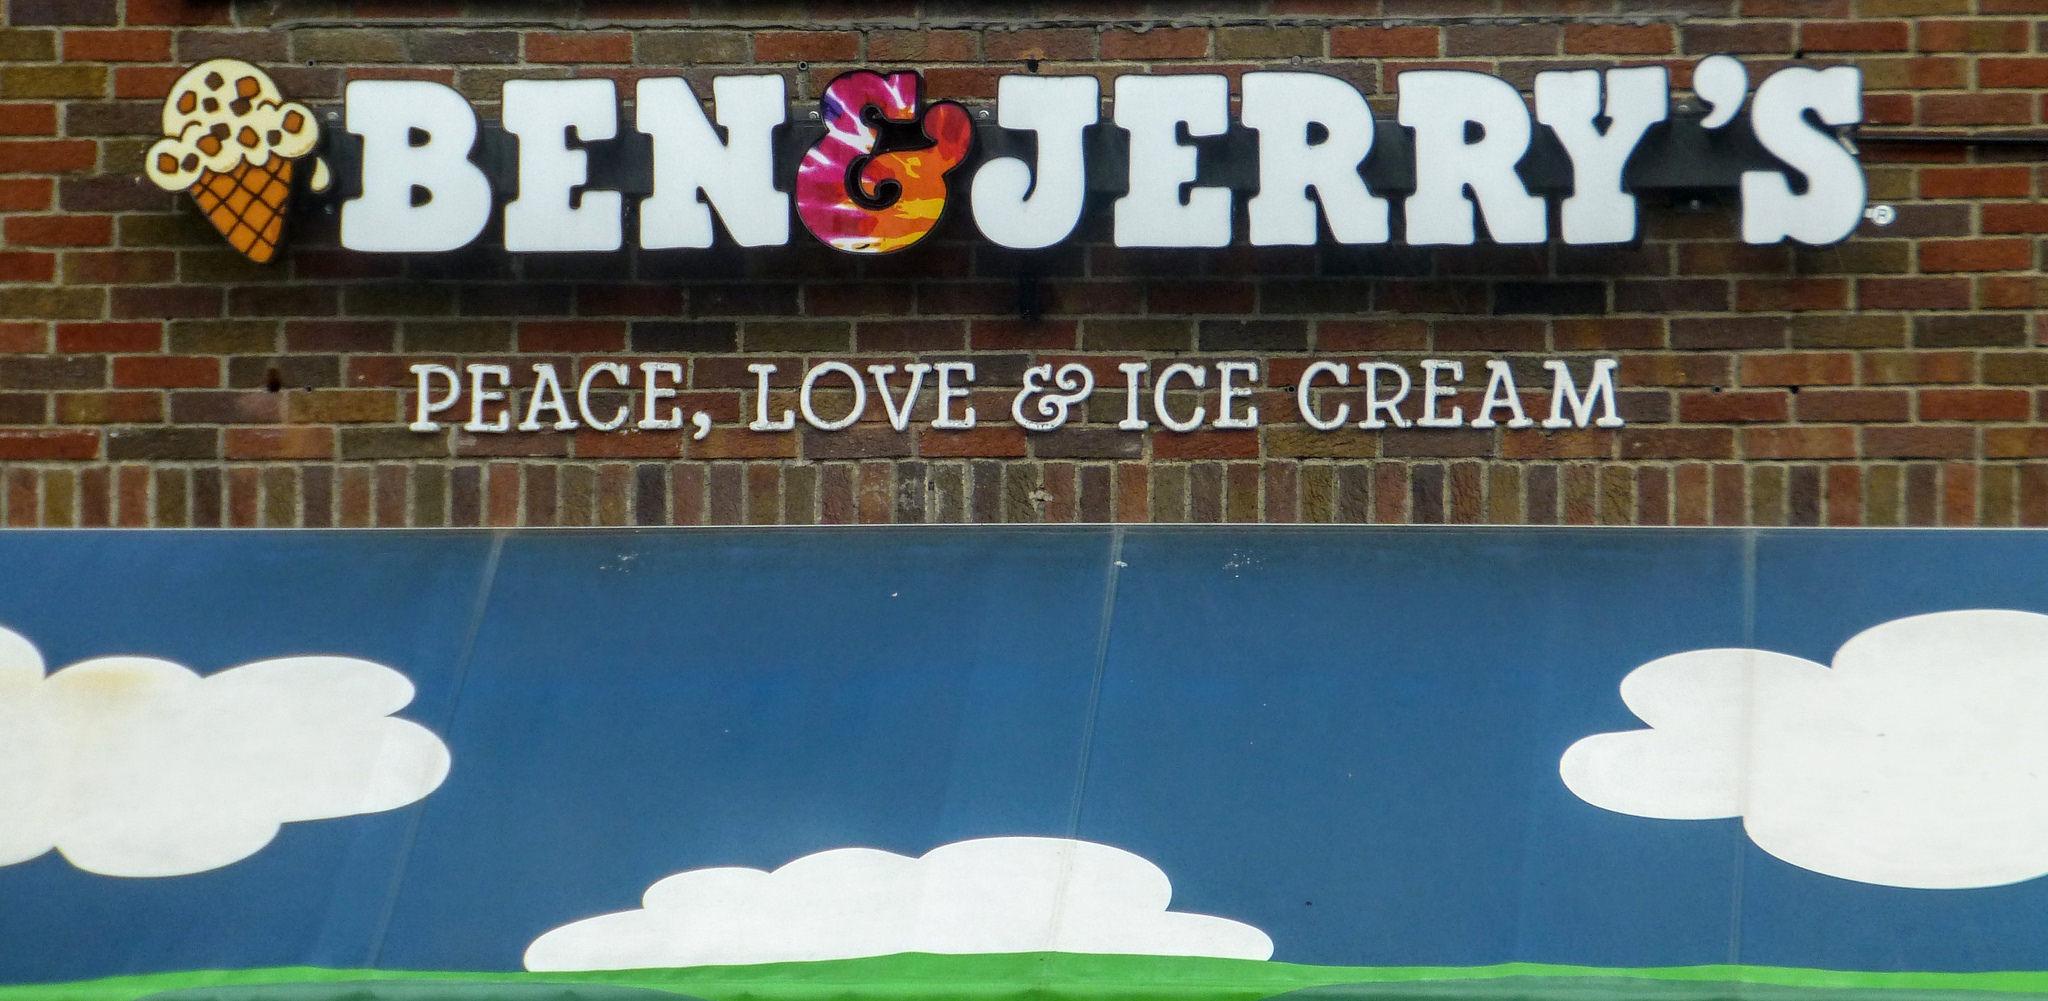 Ben & Jerry's ice cream storefront.